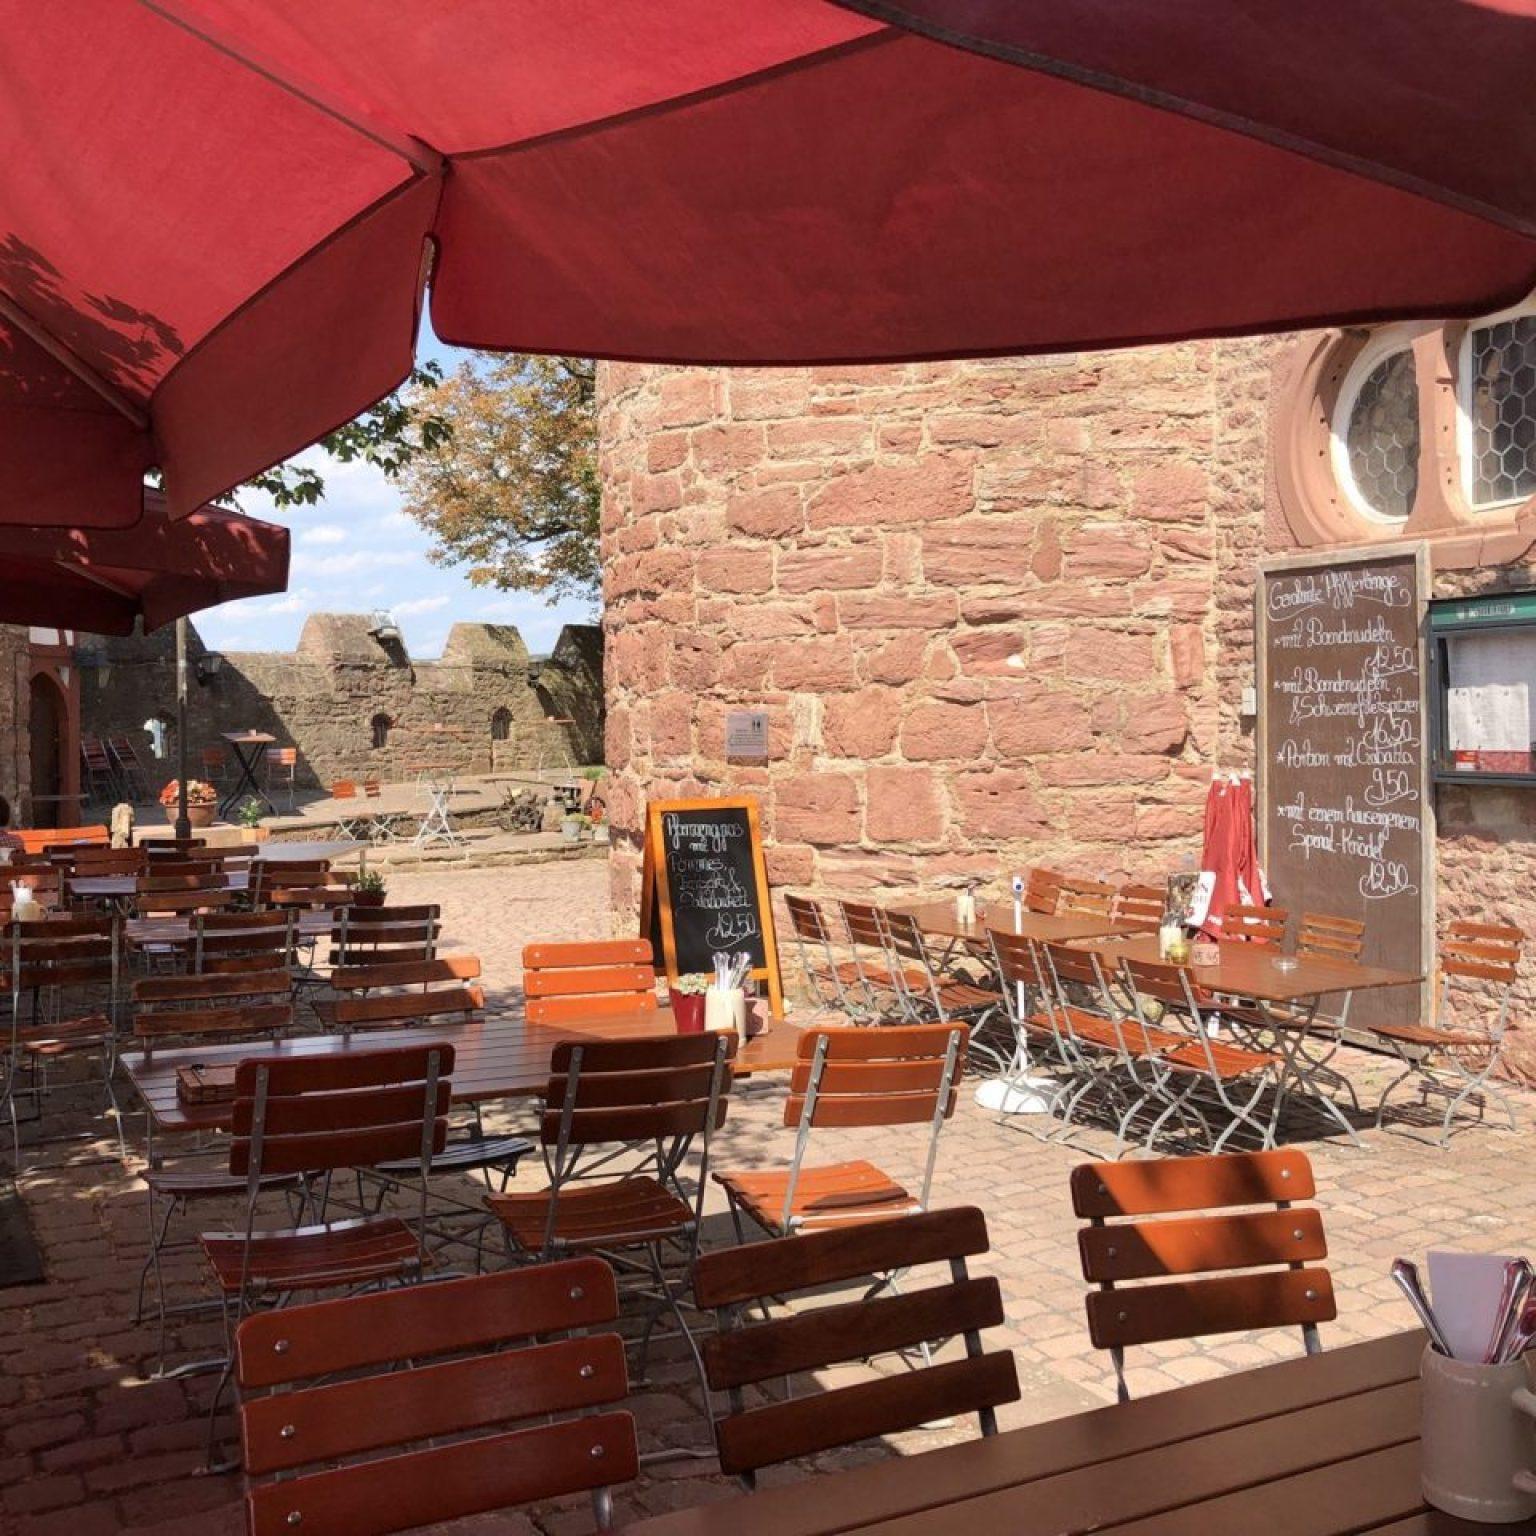 Burg Wertheim Restaurant menu